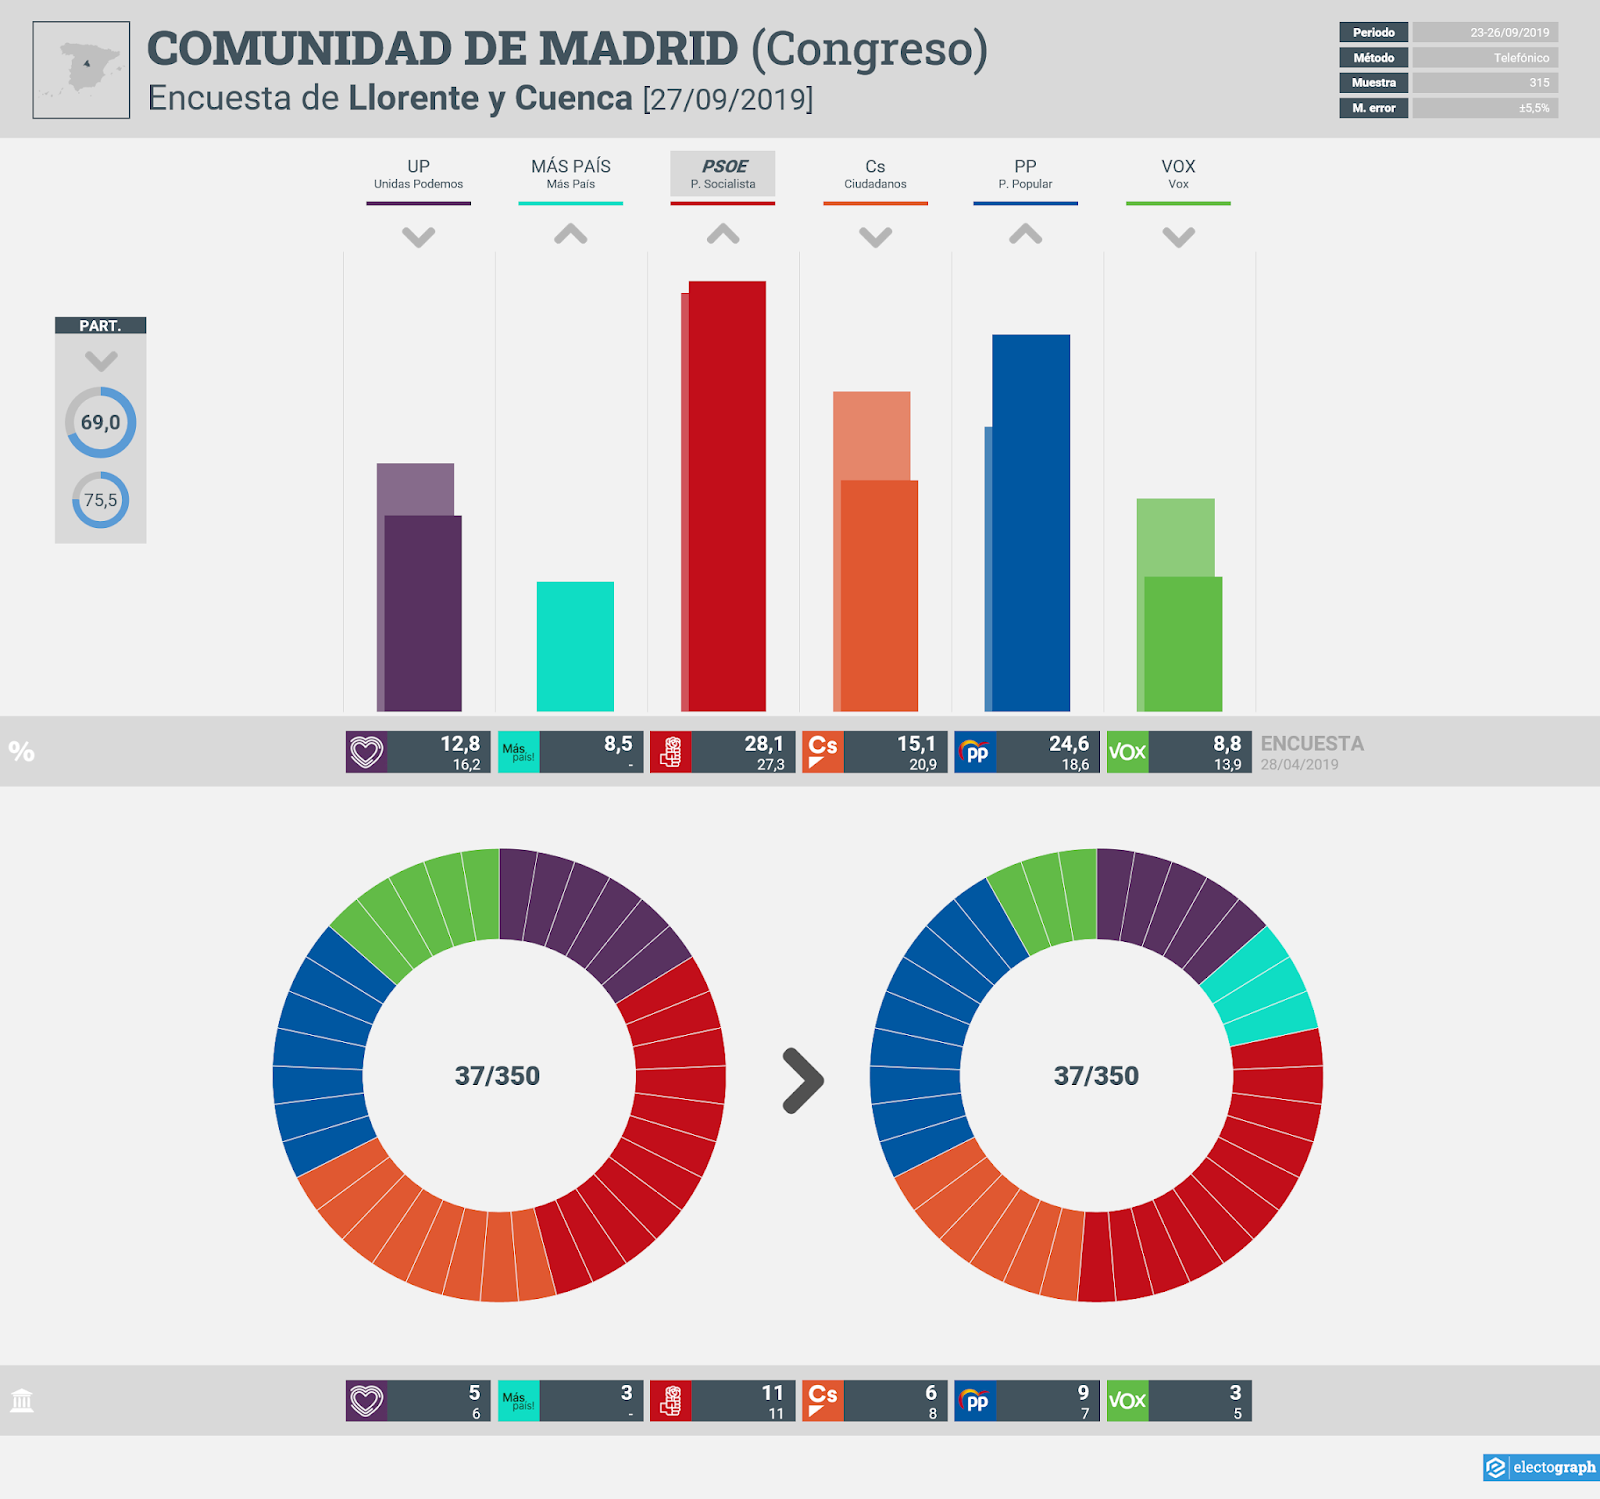 Gráfico de la encuesta para elecciones generales en la Comunidad de Madrid realizada por Llorente y Cuenca, 27 de septiembre de 2019